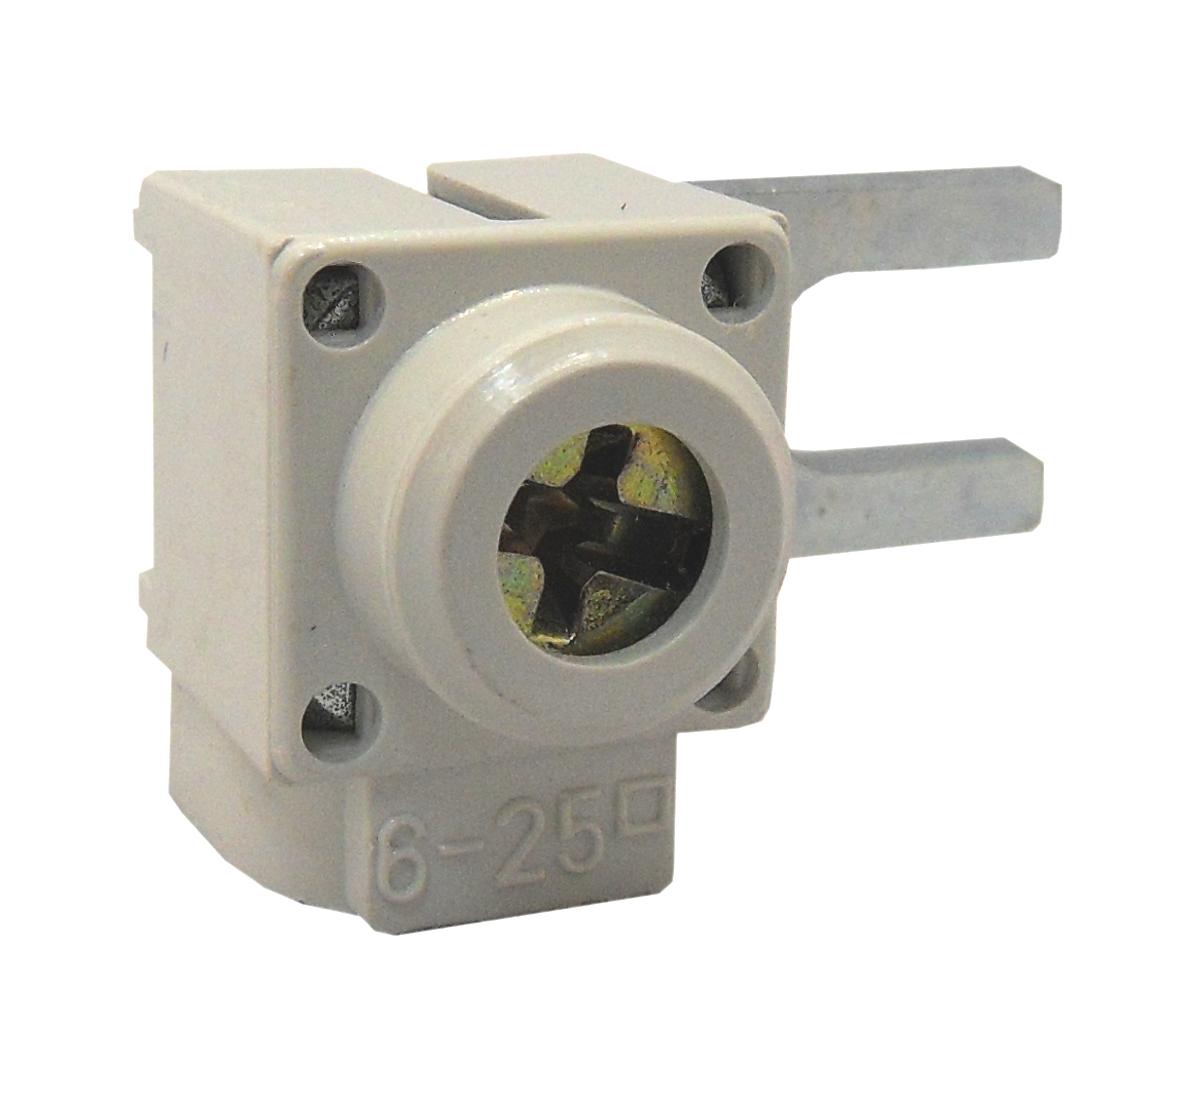 1 Stk Anschlußklemme, Gabel, quer, 6-25mm², kurz BS900171--